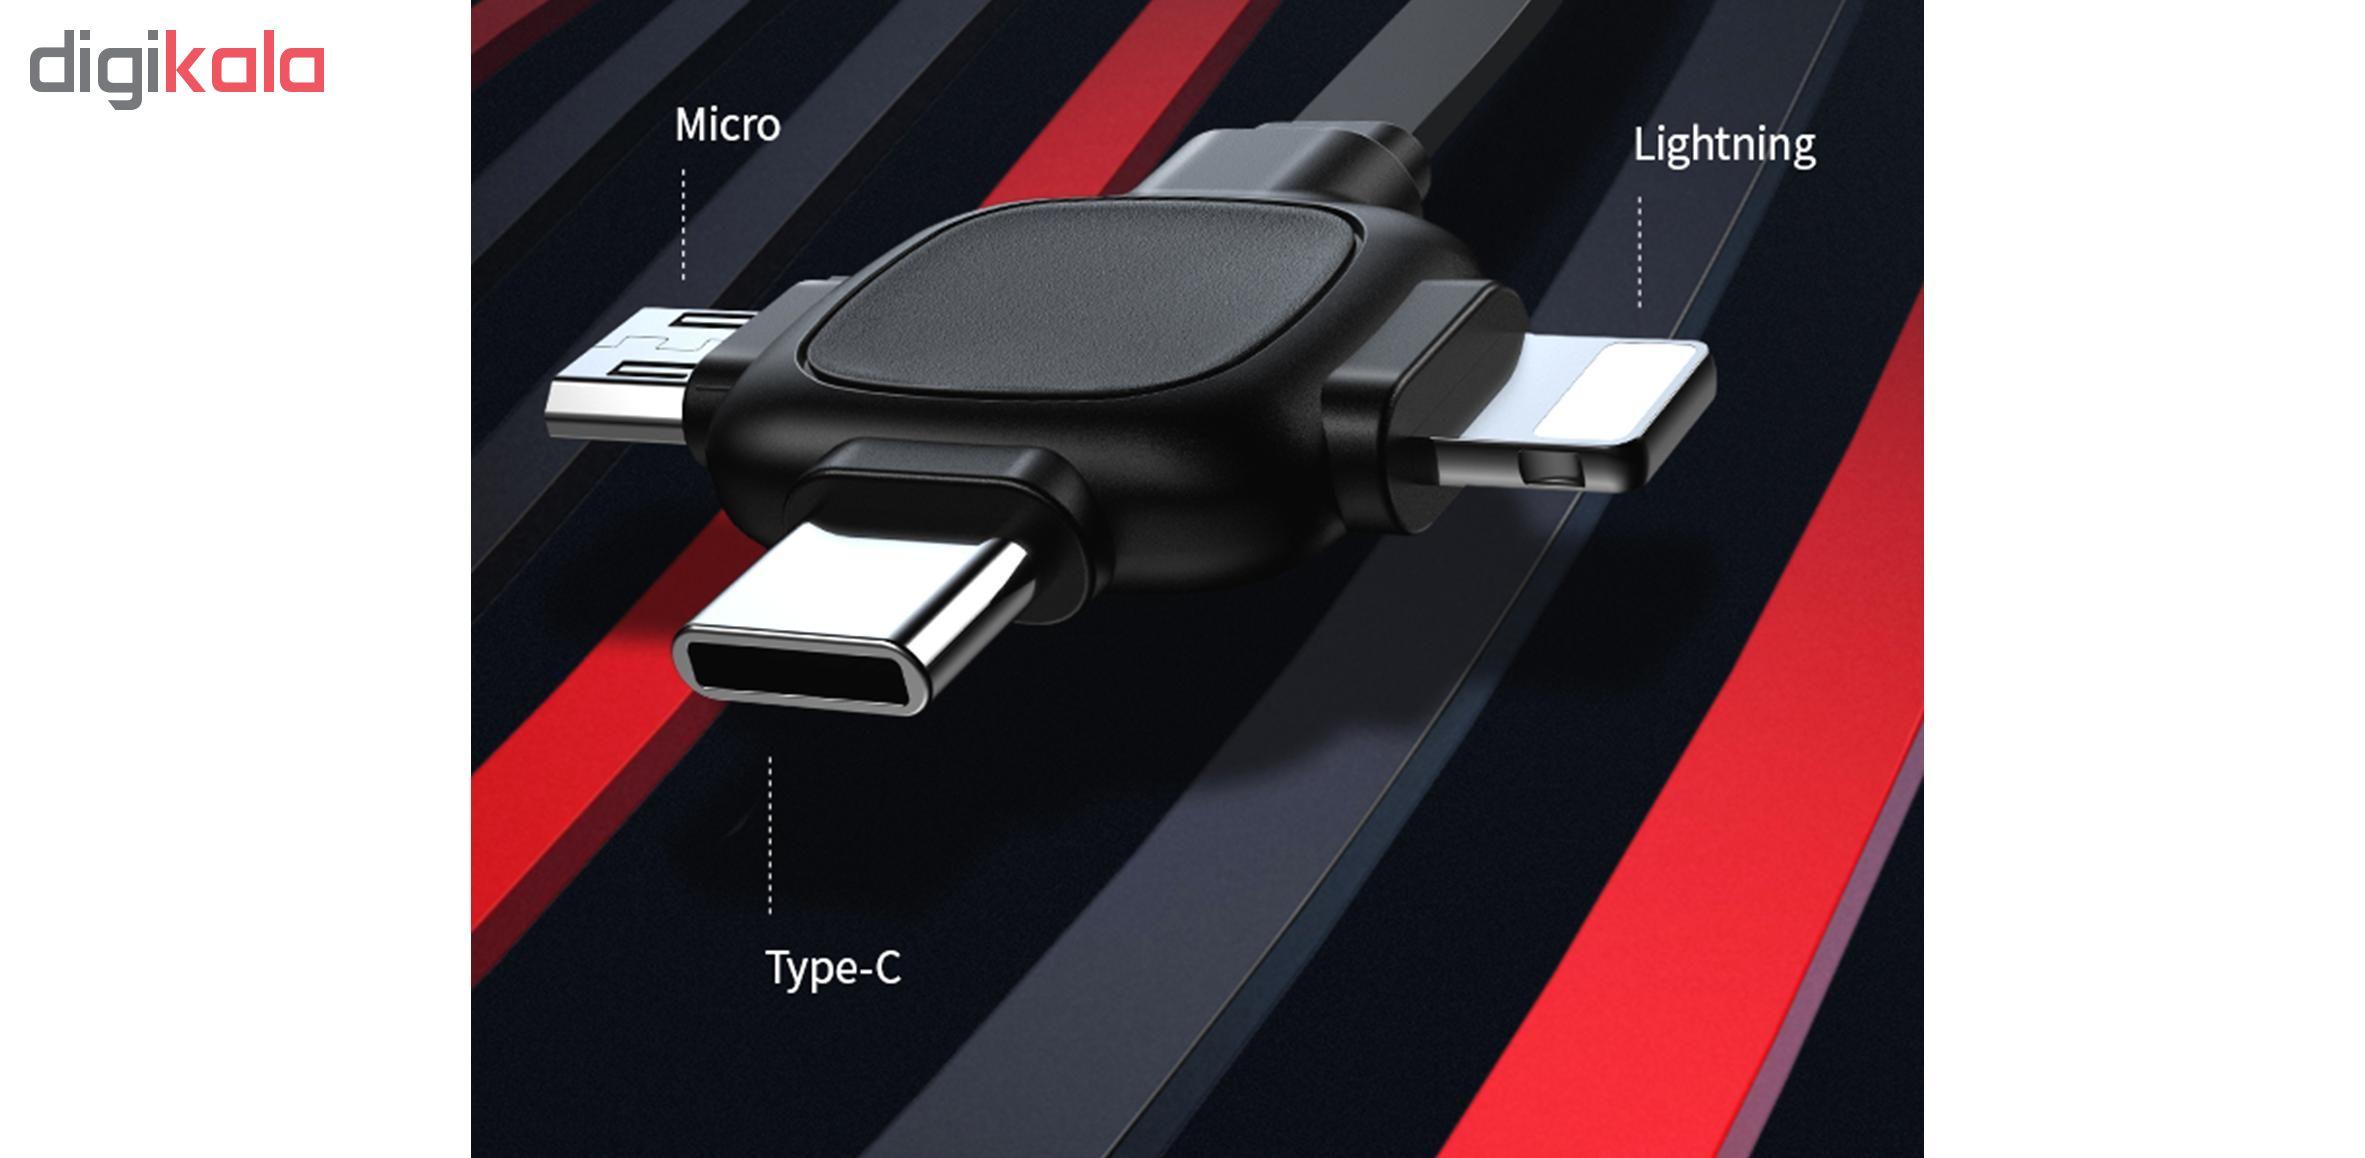 کابل تبدیل USB به لایتنینگ/ micro USB /USB-C یوسمز مدل US-SJ263 طول 1 متر main 1 2